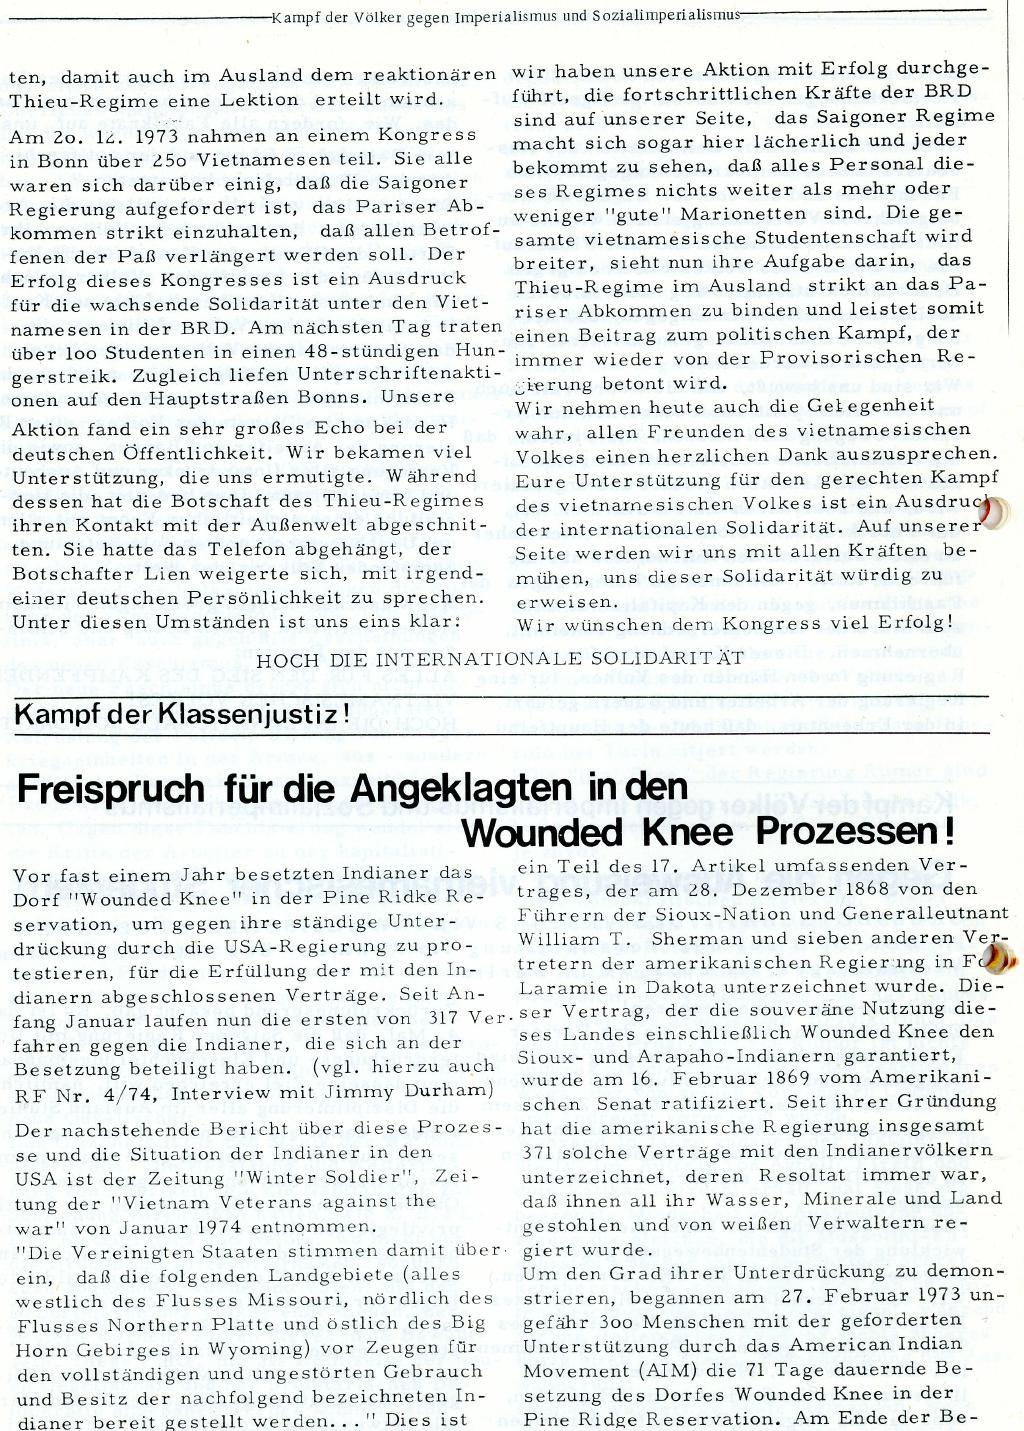 RPK_1974_05_16